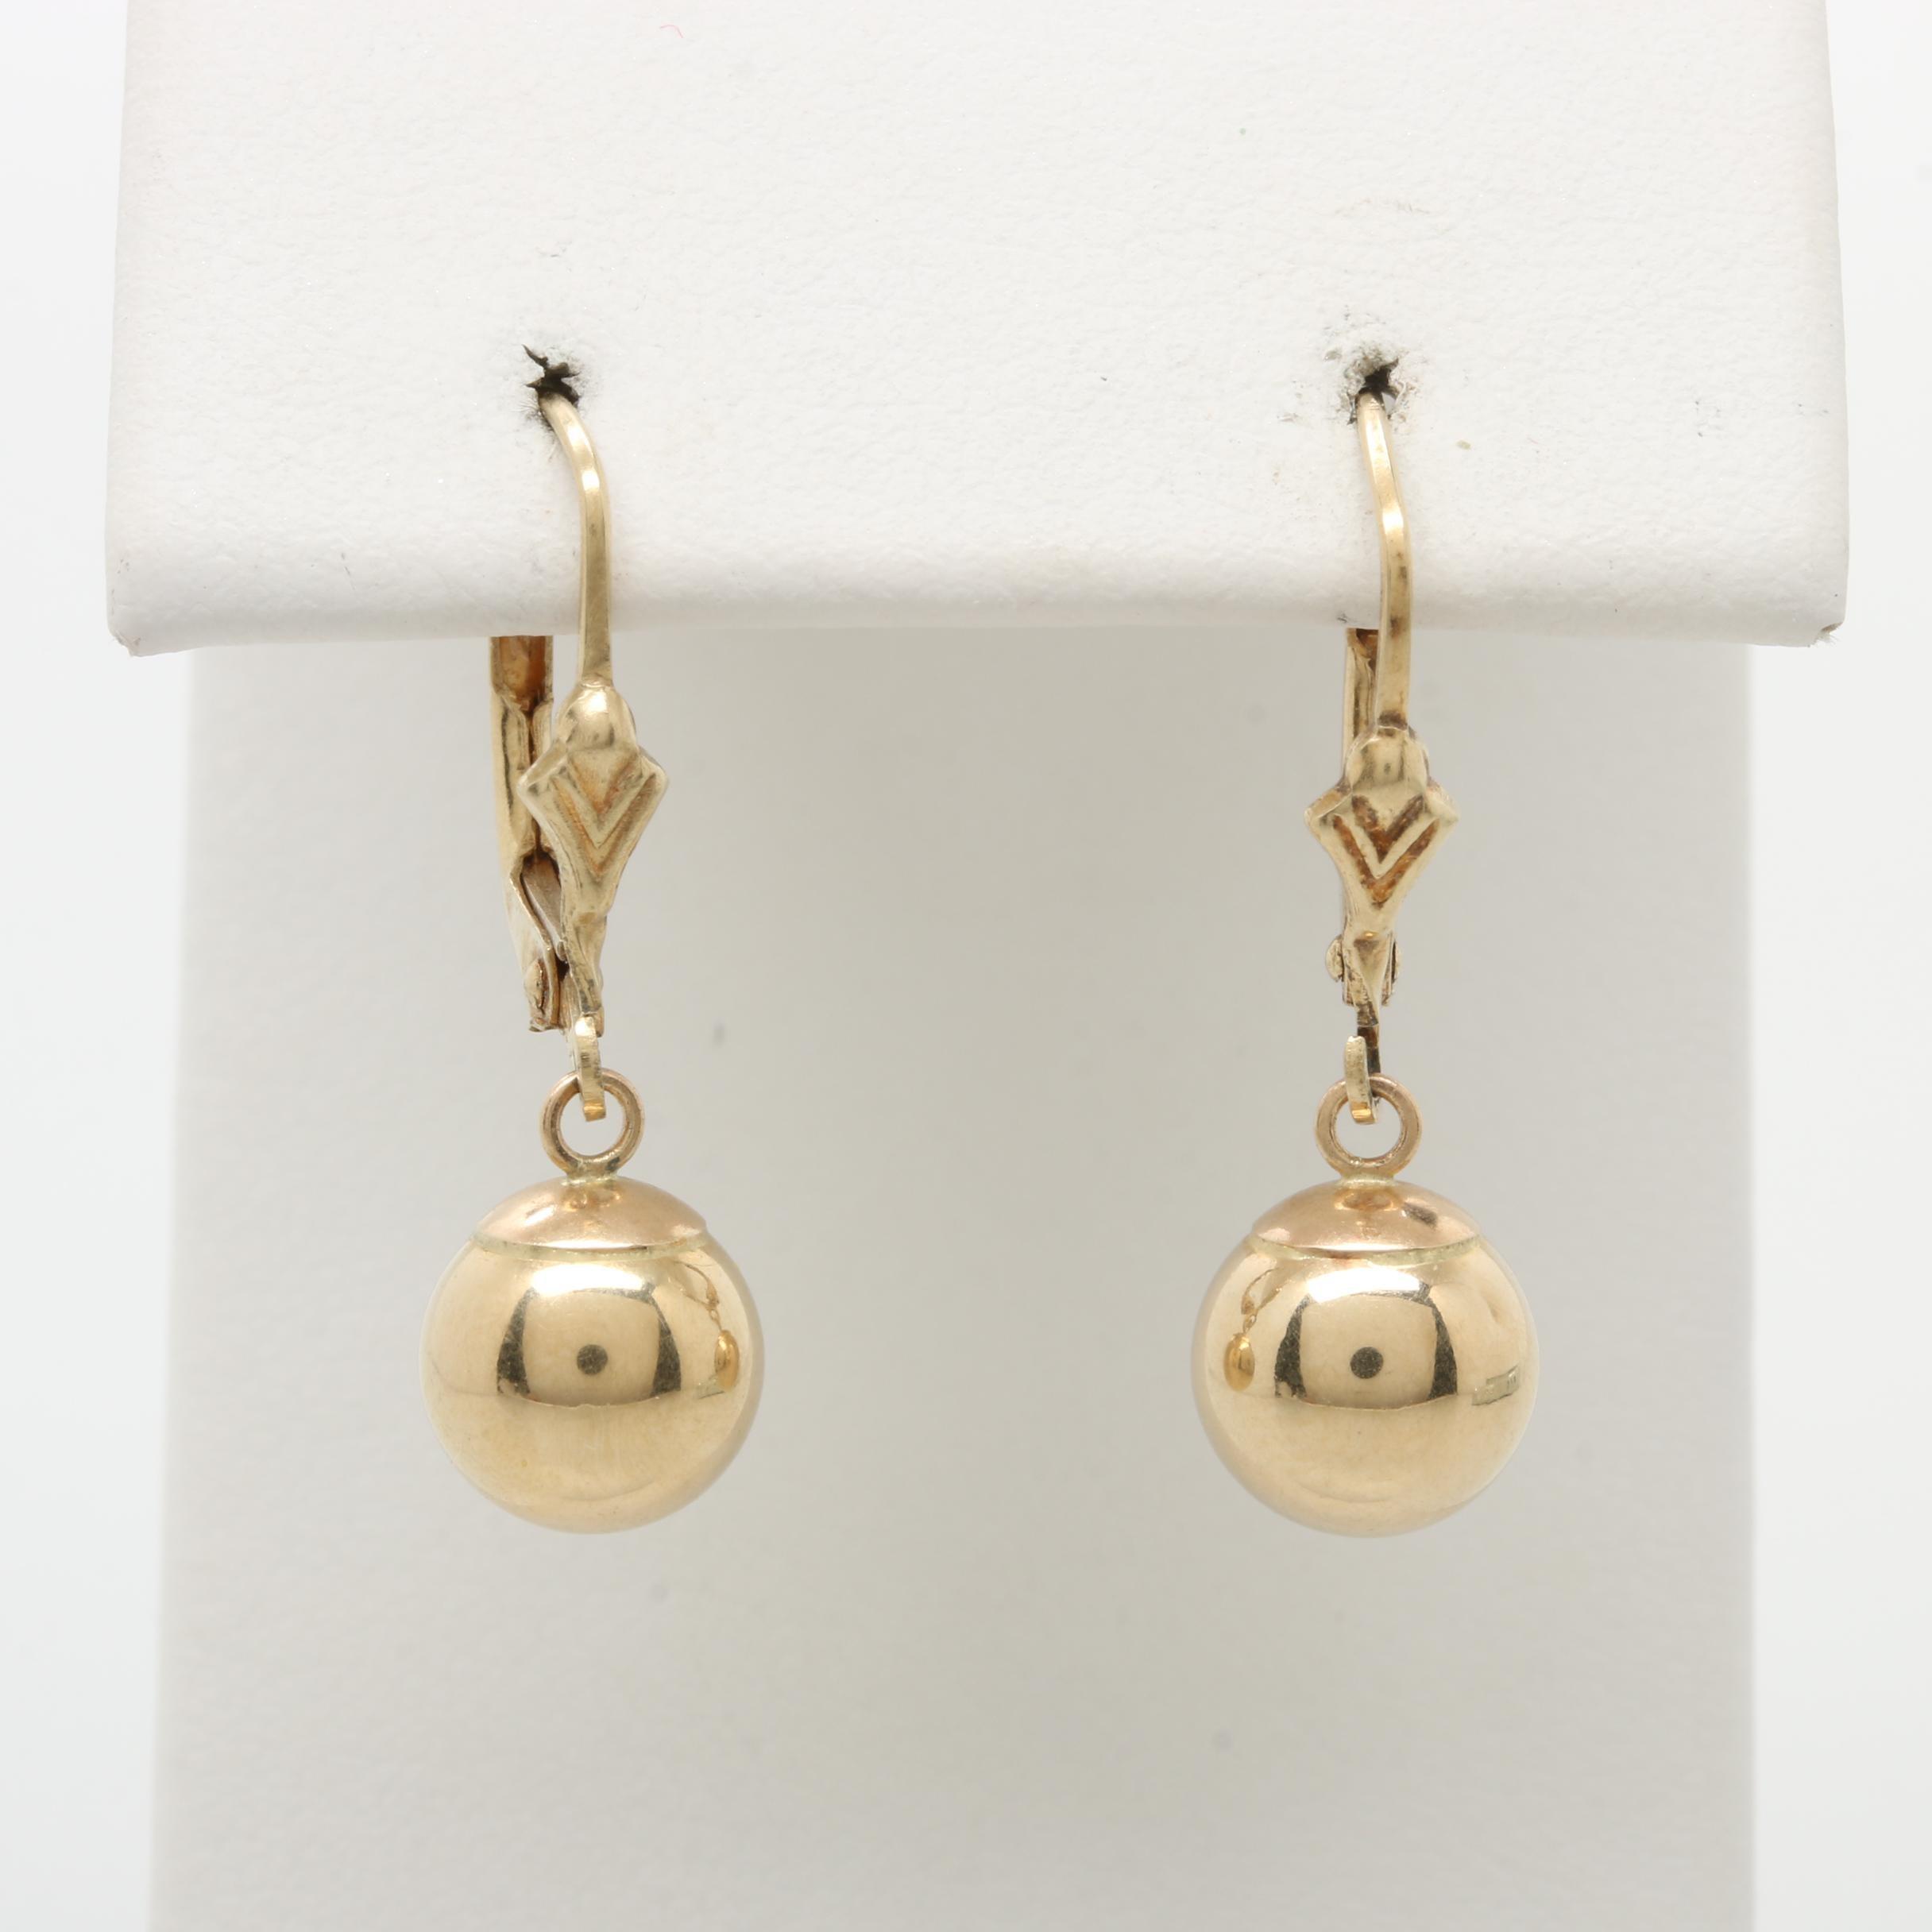 14K Yellow Gold Spherical Drop Earrings